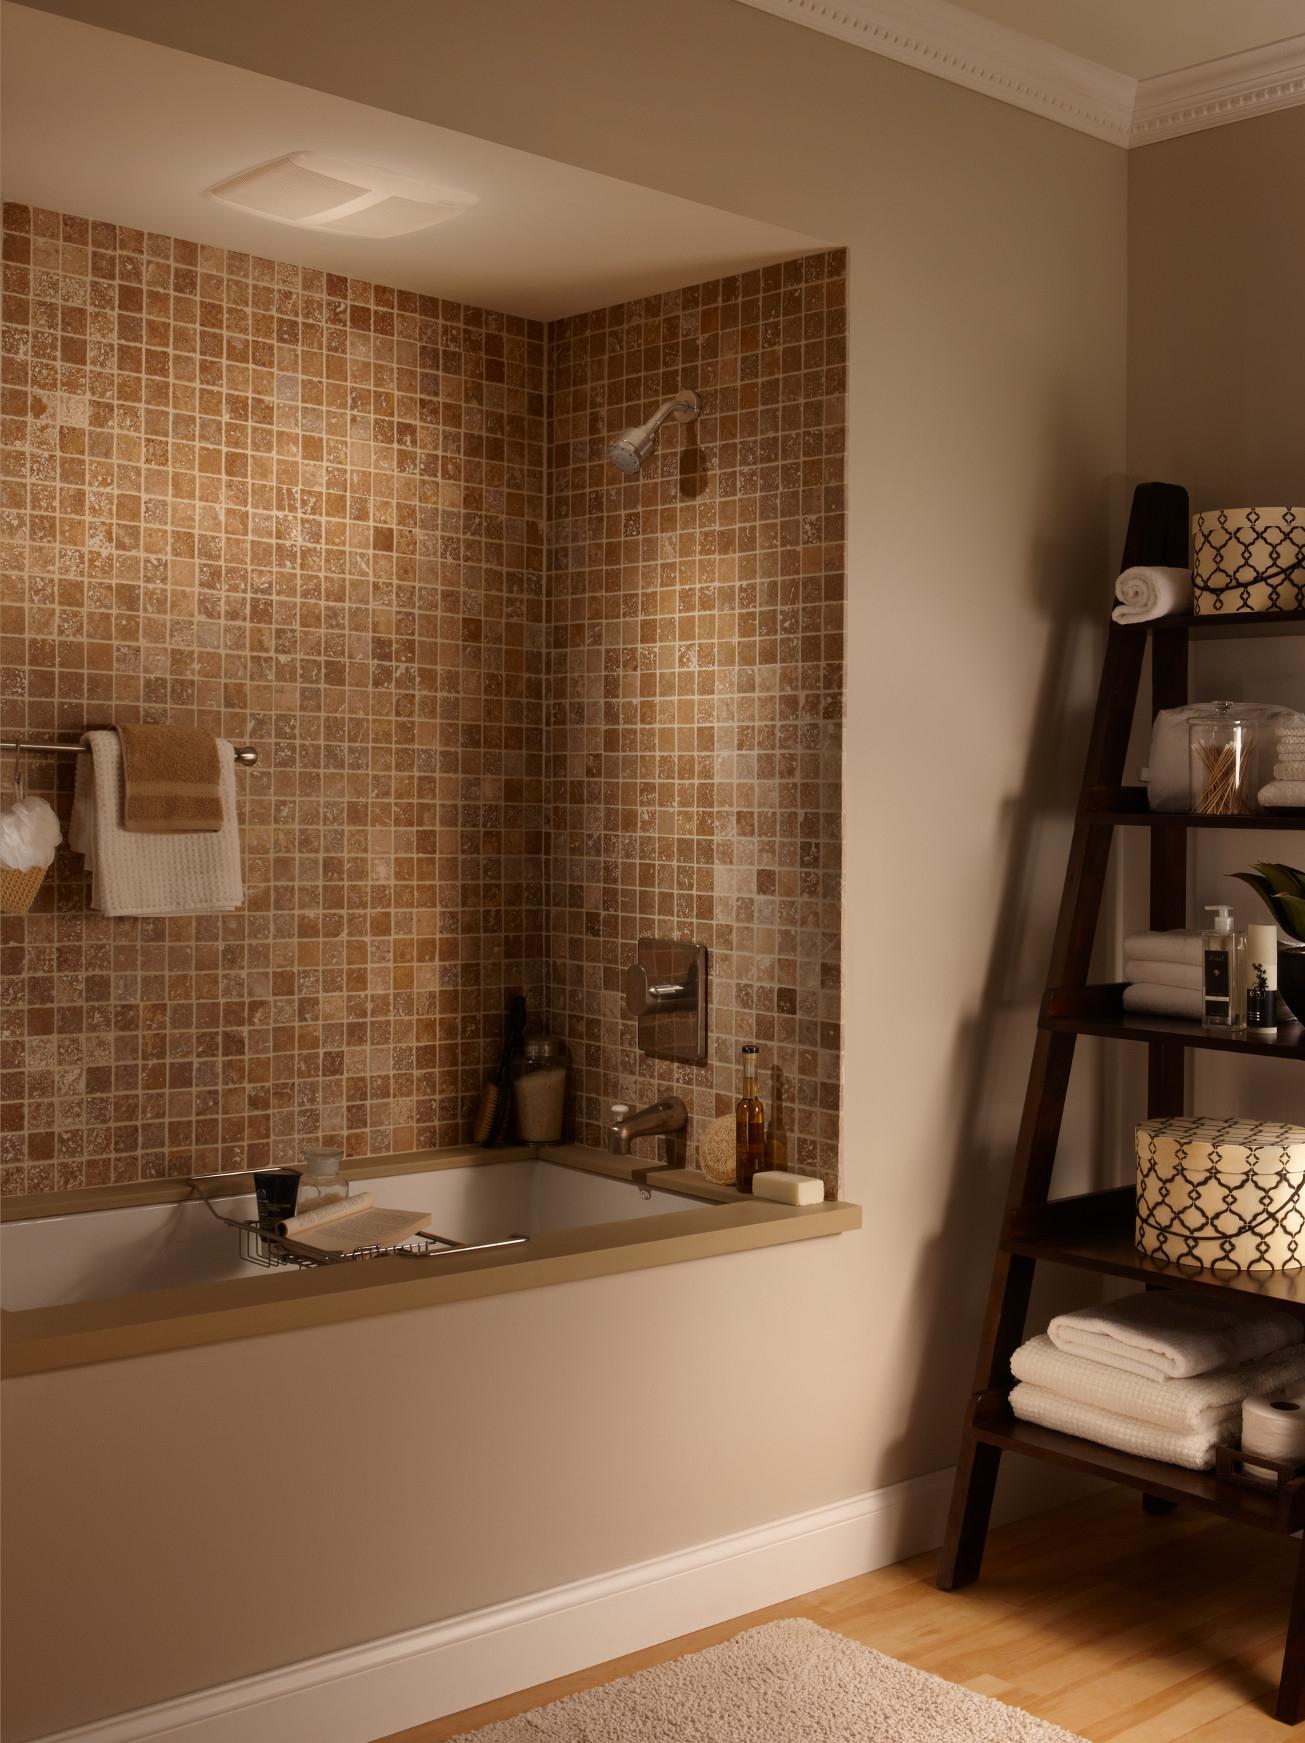 Broan QTR Ultra Silent Bath Fan CFM Bathroom Fans - Broan bathroom fan cover for bathroom decor ideas